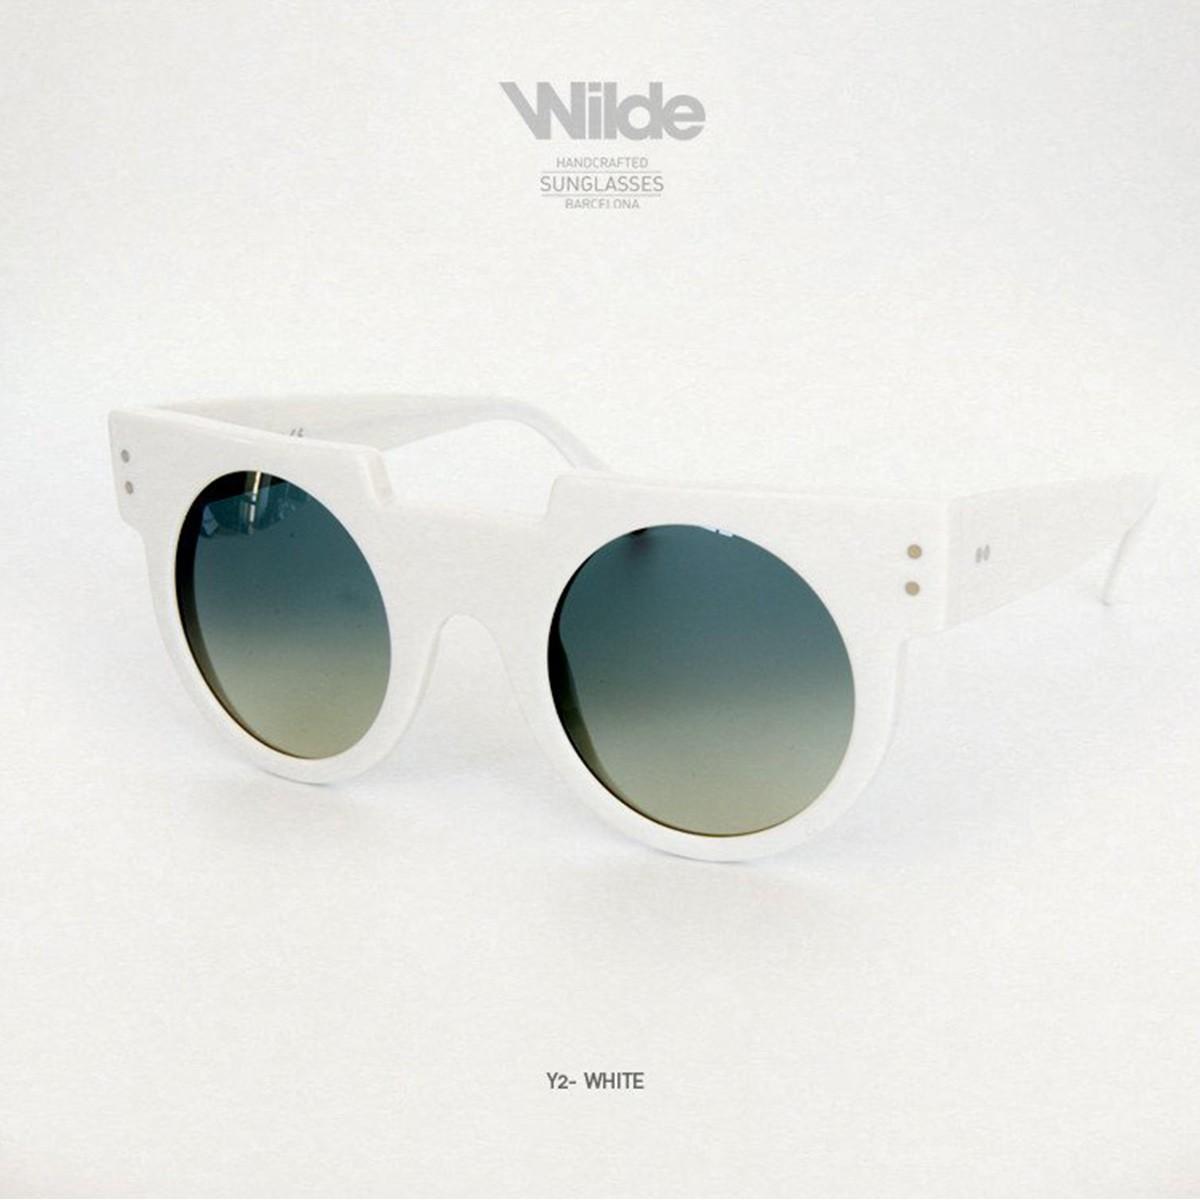 サングラス レディース メンズ Wilde SUNGLASSES ワイルドサングラス Y2 ホワイト white 送料無料